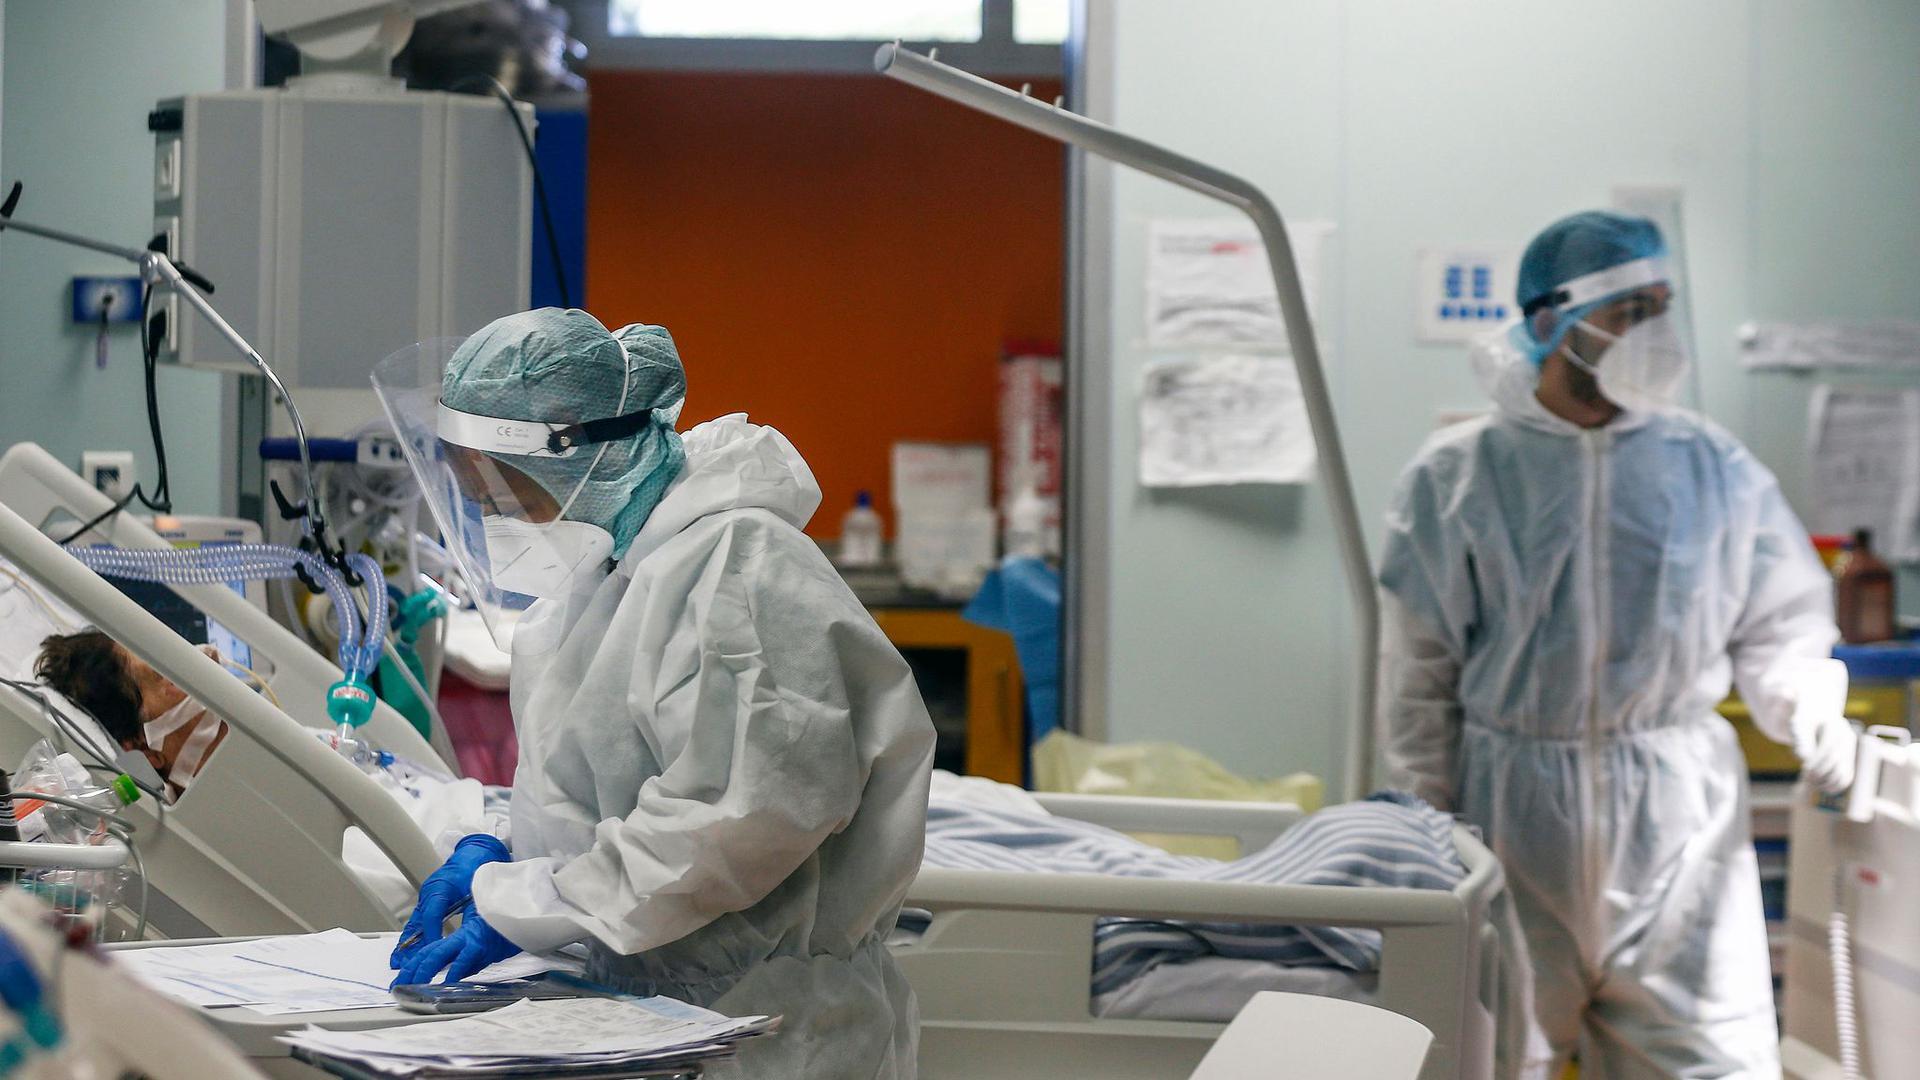 Auf der Intensivstation: Die große Belastungsprobe für die Kliniken in der Corona-Pandemie wird in den nächsten Wochen so stark, dass das Pflegepersonal und das ganze Gesundheitssystem überfordert sein können.